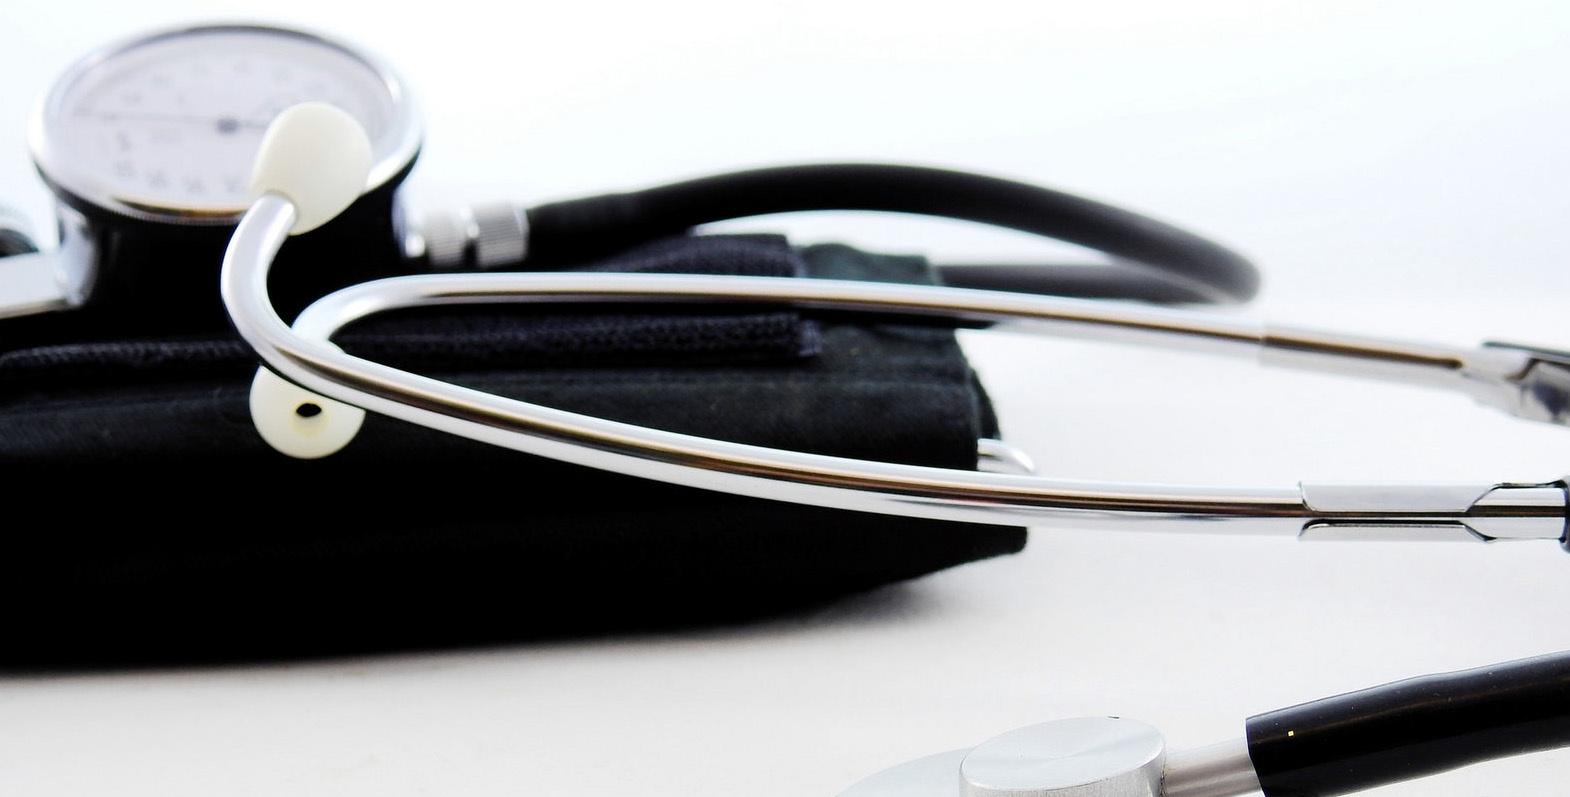 Planinės procedūros gydymo įstaigose galėtų būti atnaujintos nuo kitos savaitės